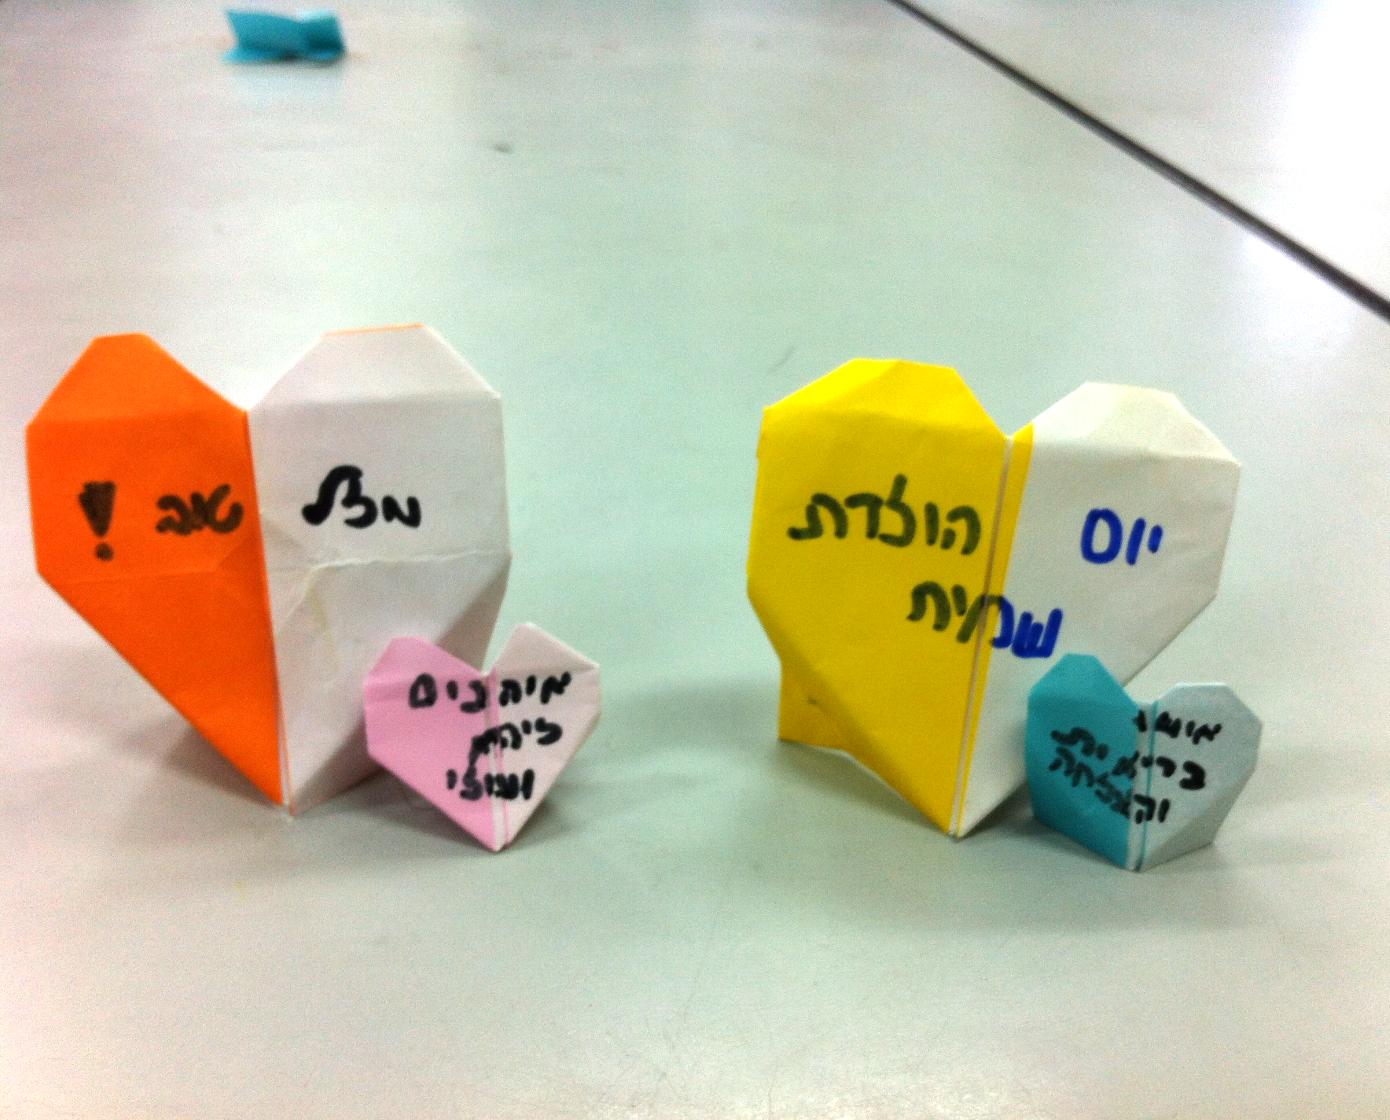 הפעלת אוריגמי לילדים